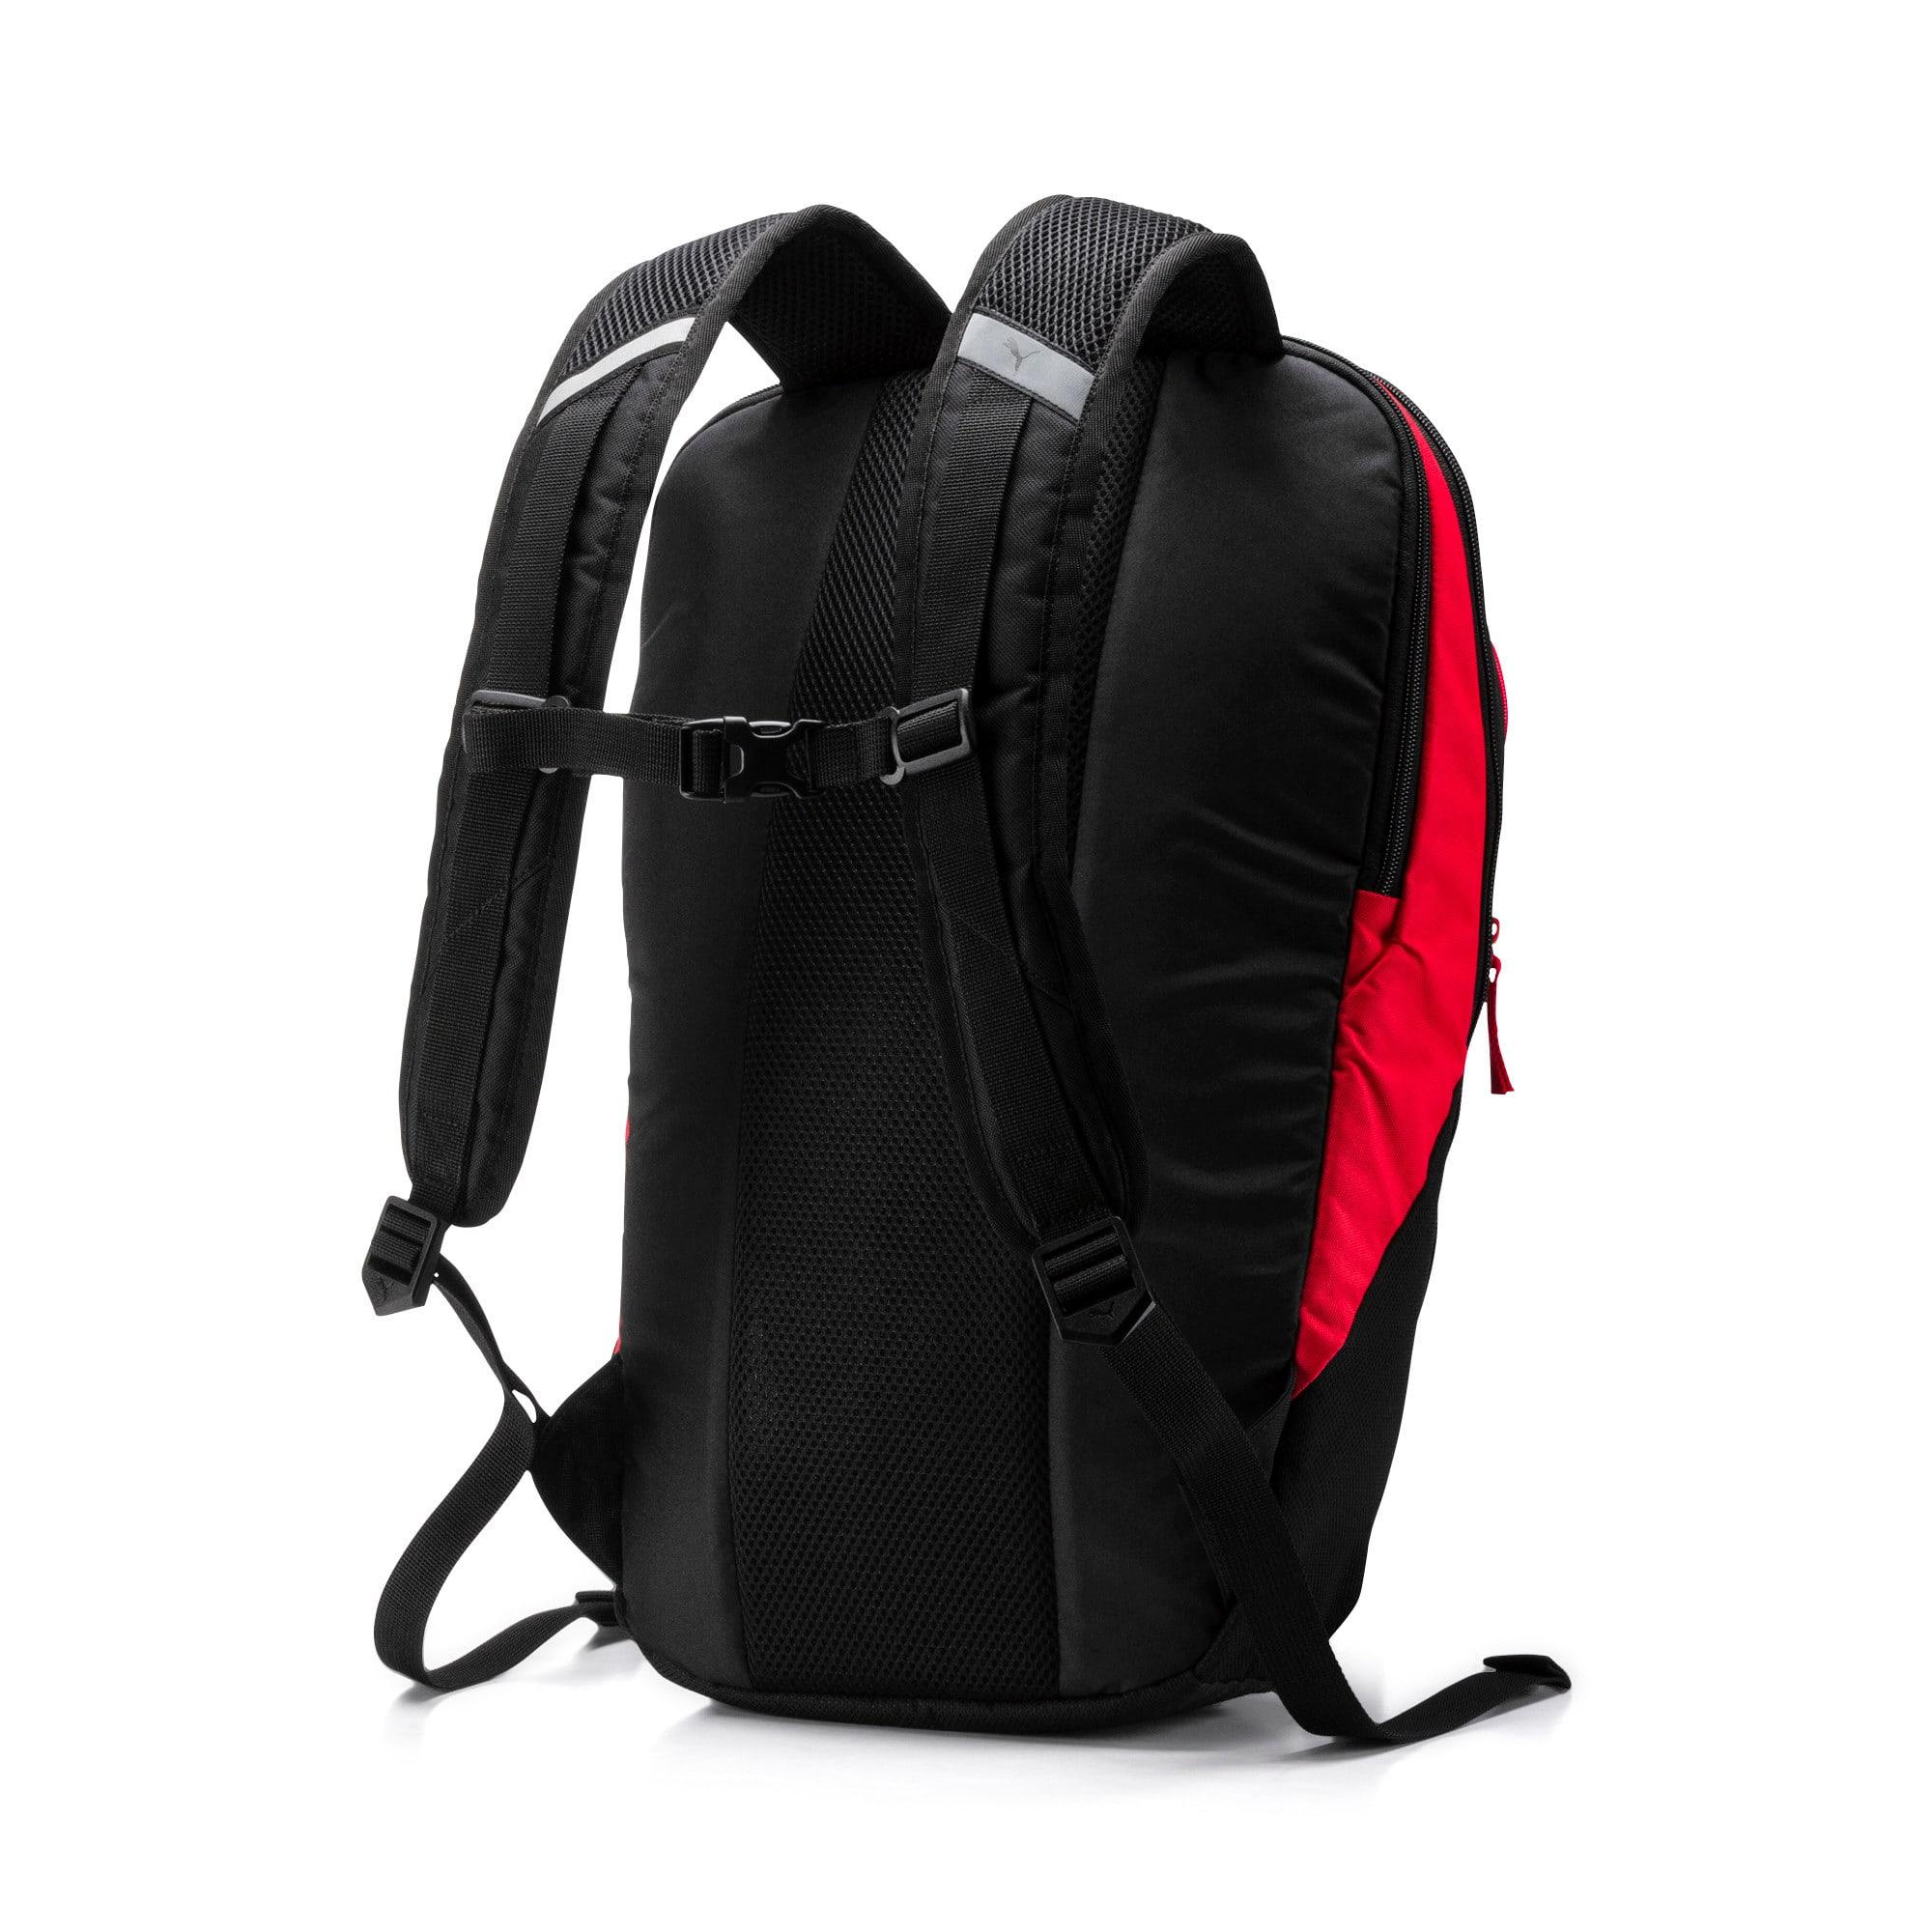 Thumbnail 3 of PUMA X Backpack, Peacoat-Puma Red-Puma Black, medium